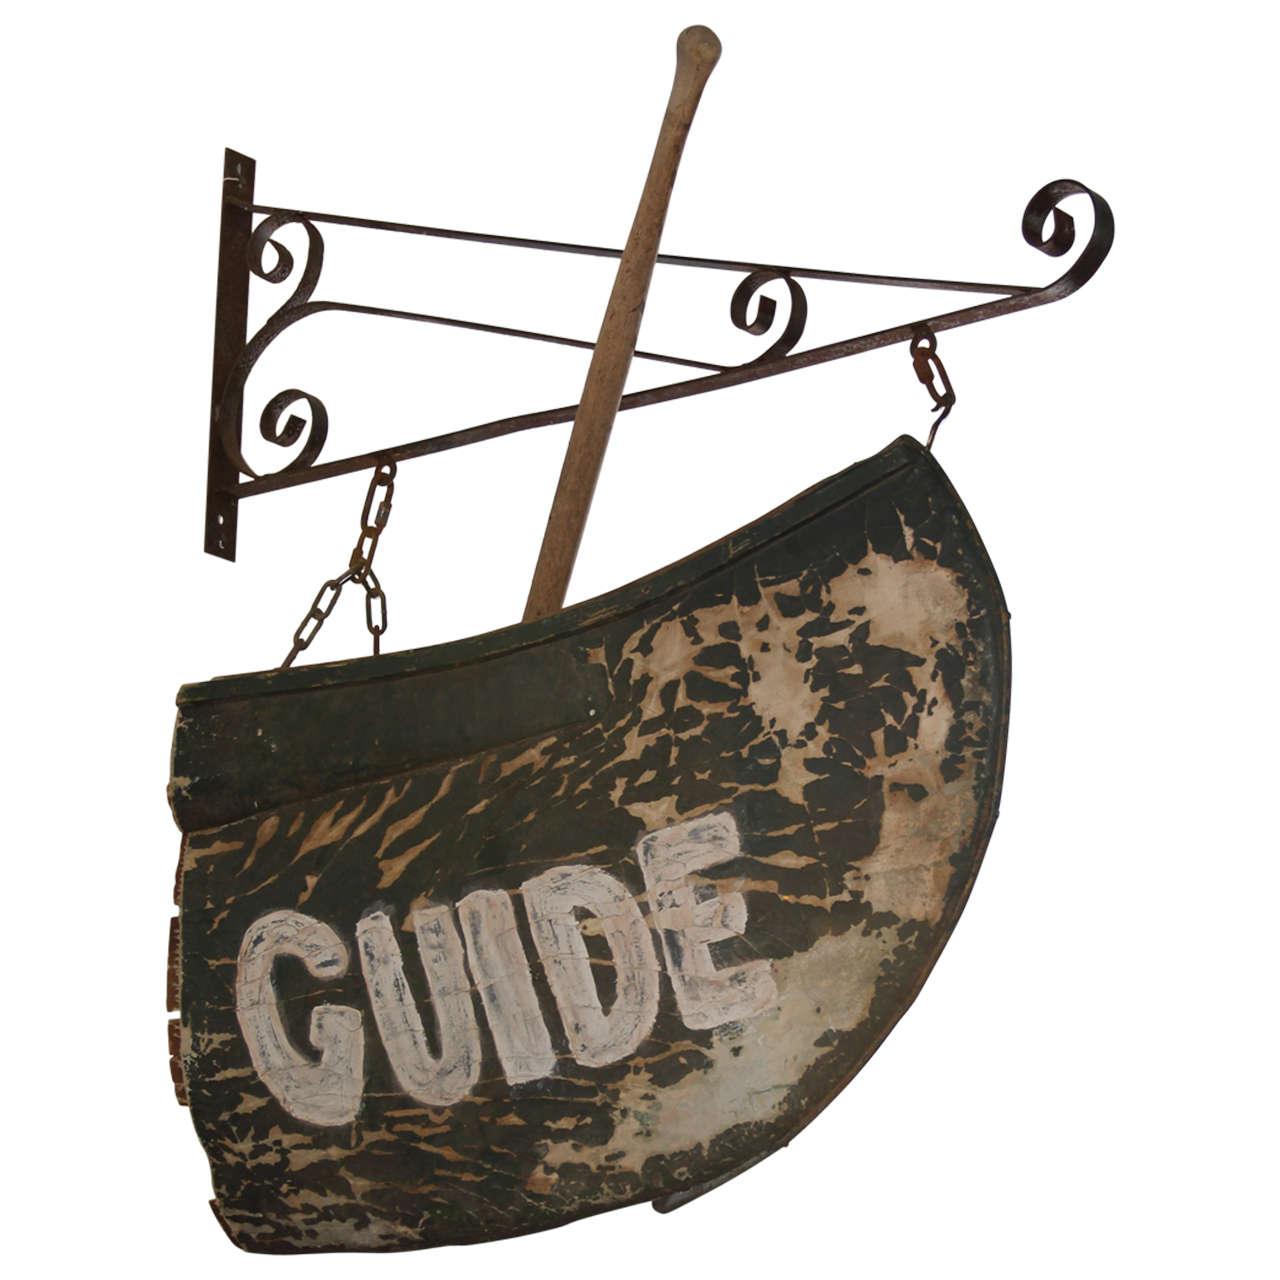 Folk Art Canoe Guide Sign 1